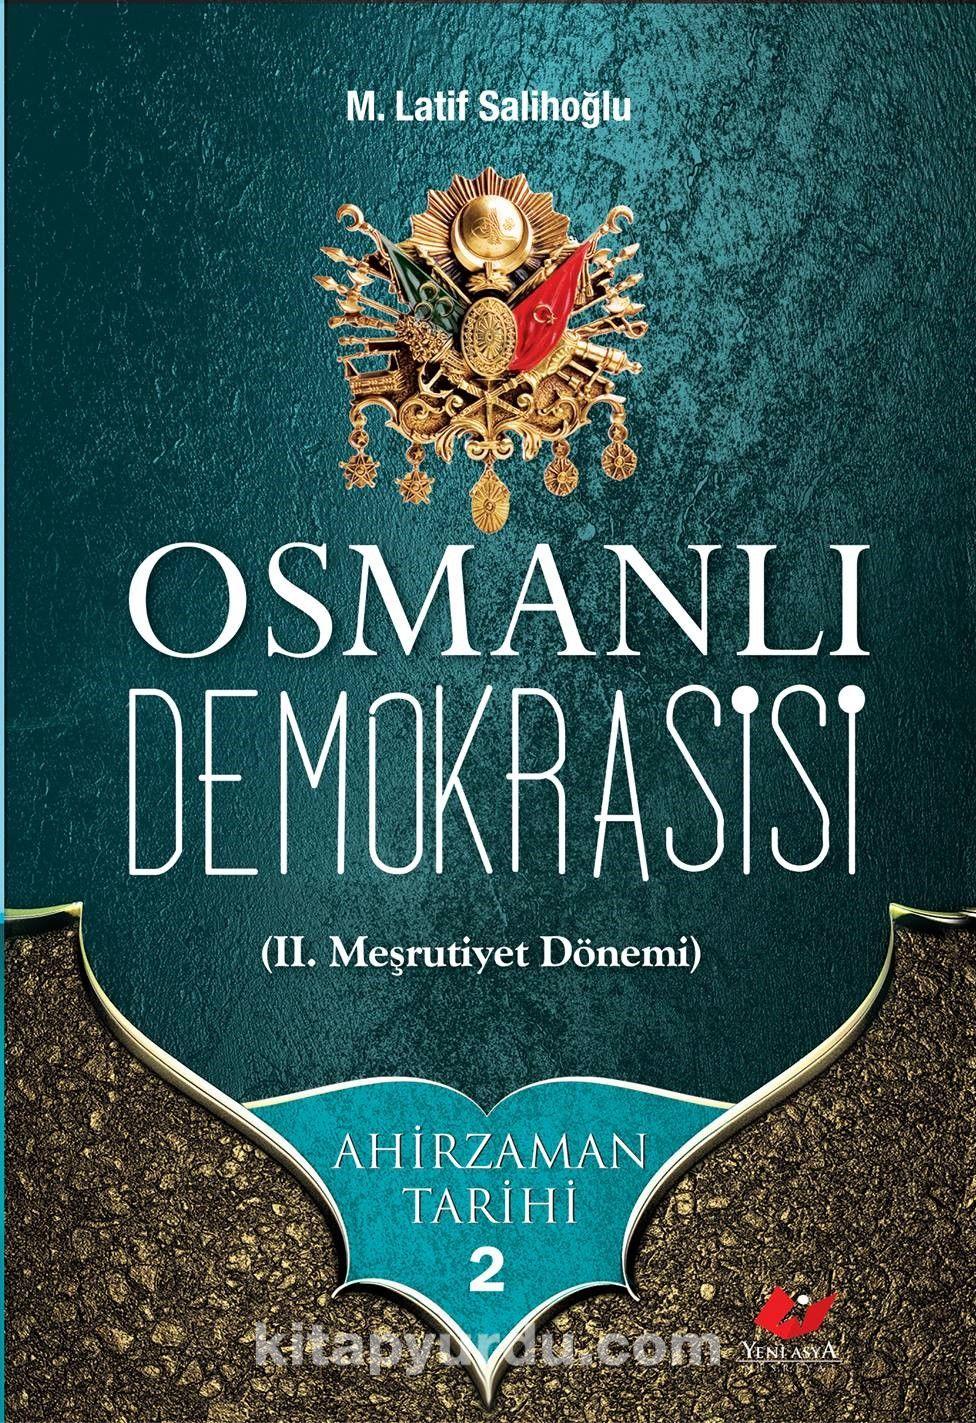 Osmanlı Demokrasisi (II. Meşrutiyet Dönemi) / Ahir Zaman Tarihi 2 - M. Latif Salihoğlu pdf epub